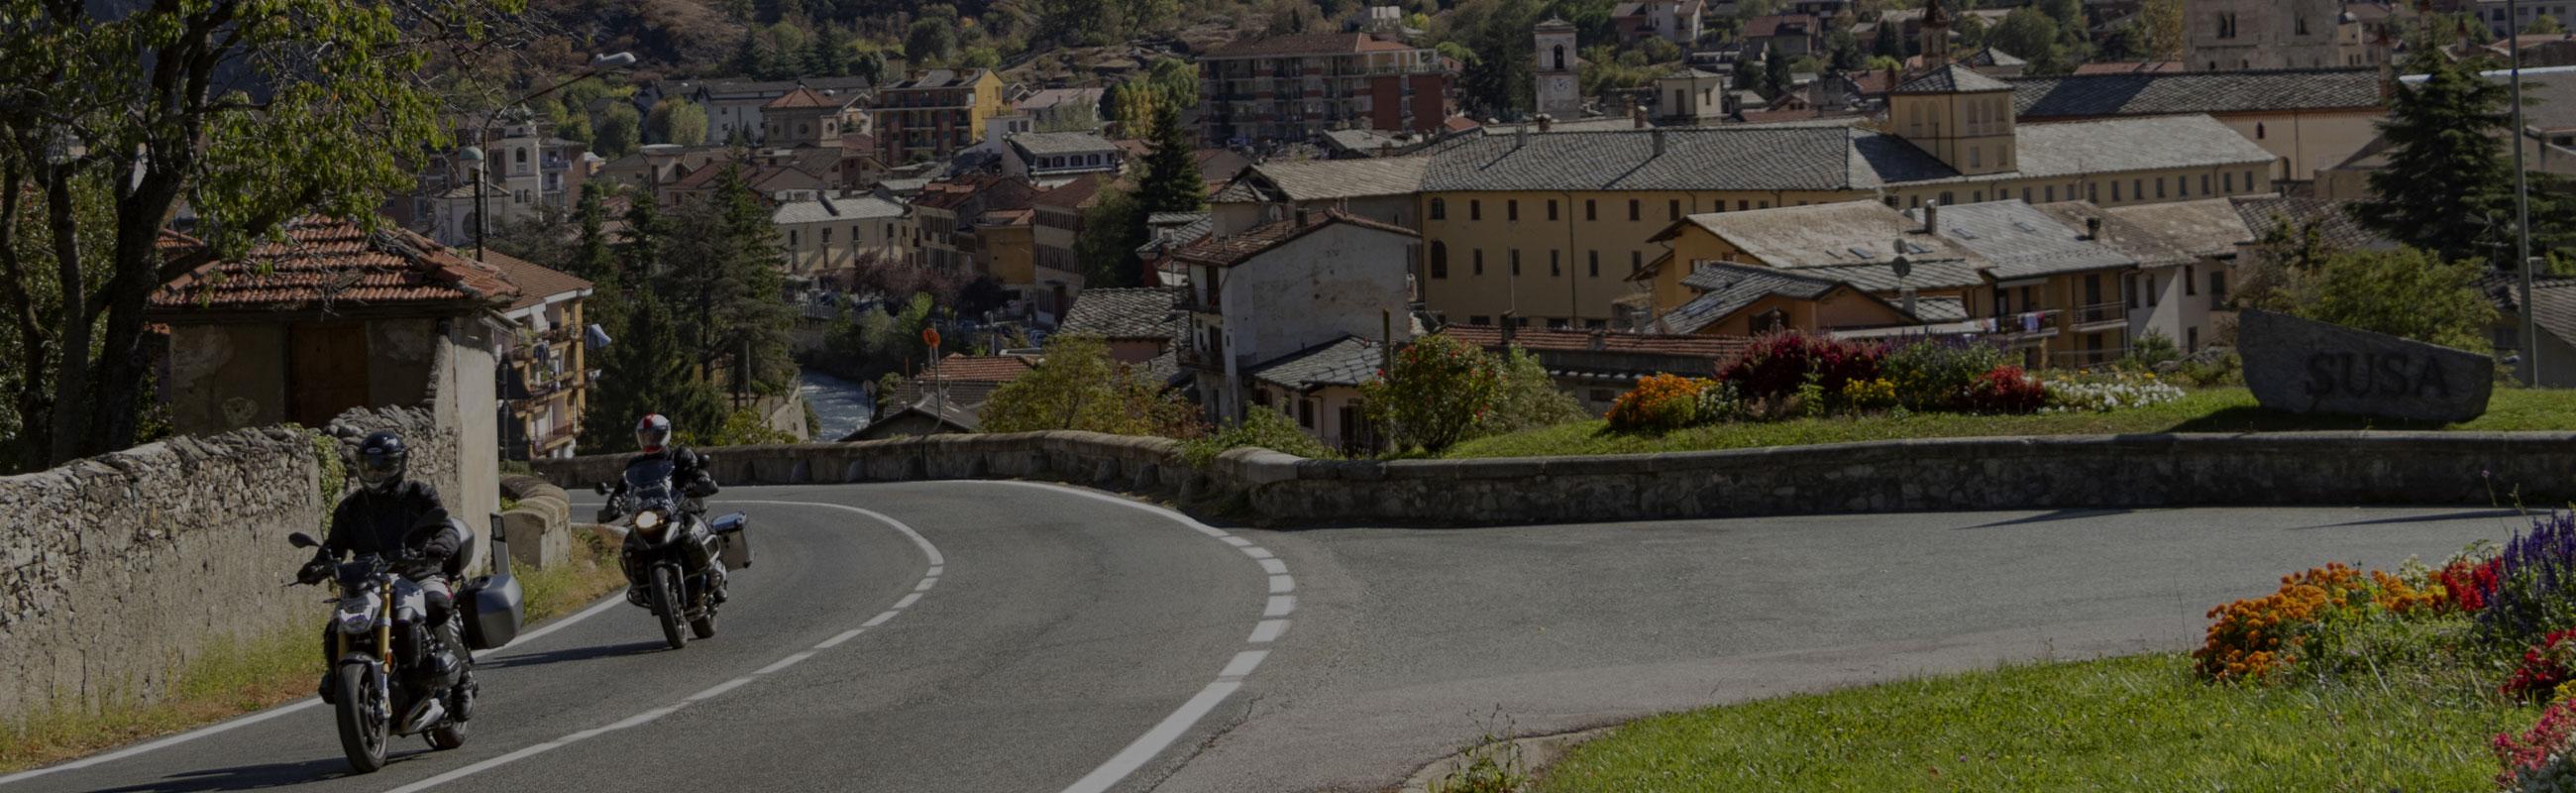 Per motociclisti - Hotel Napoleon - Hotel in Val di Susa